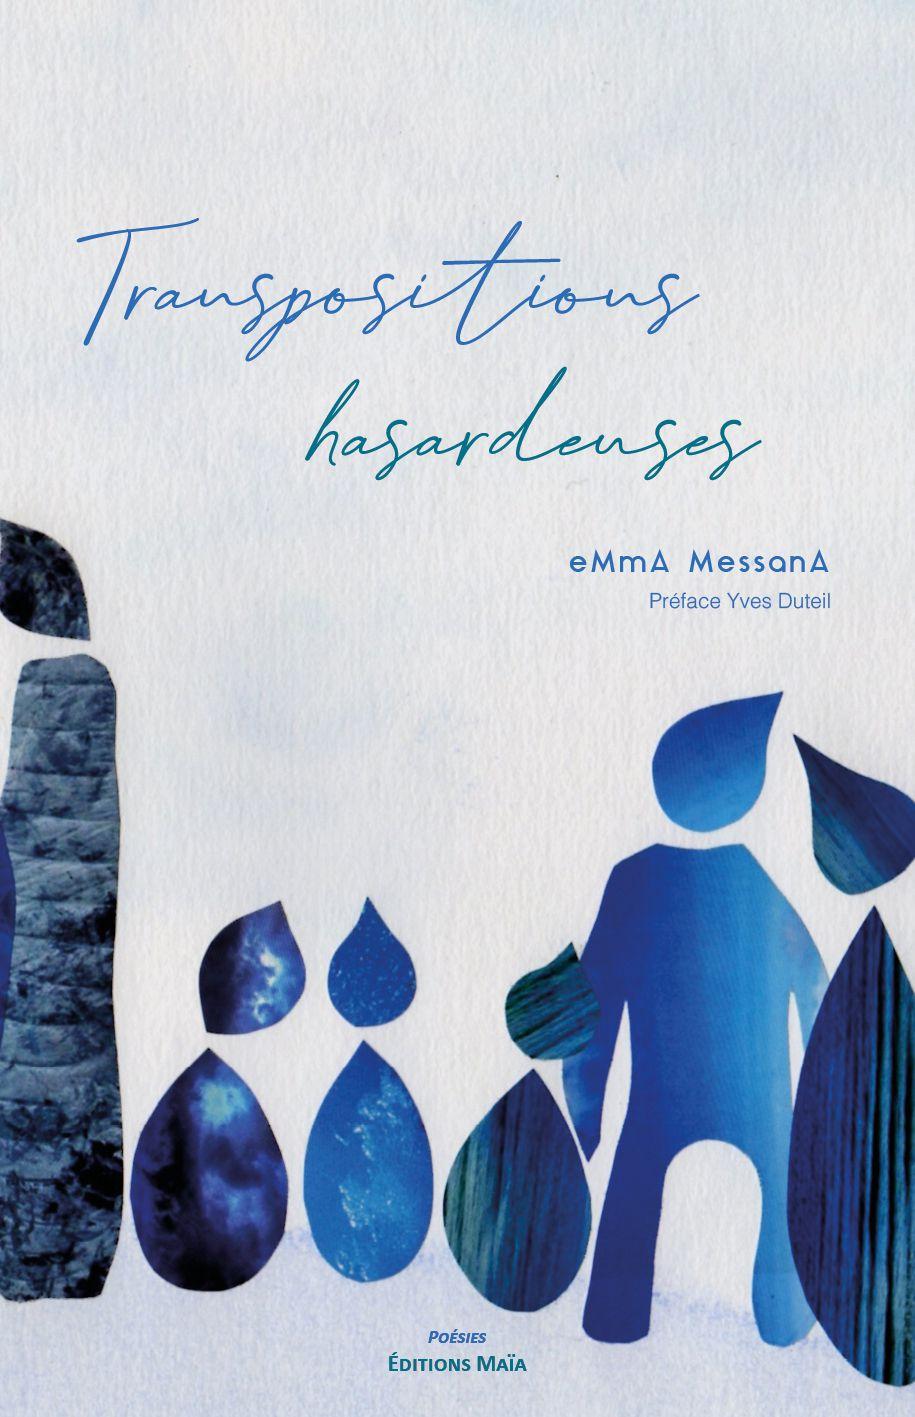 """1ère de couverture du recueil de poésies """"Transpositions hasardeuses"""" édité aux Editions Maïa, écrit et illustré par eMmA MessanA, préfacé par Yves Duteil"""